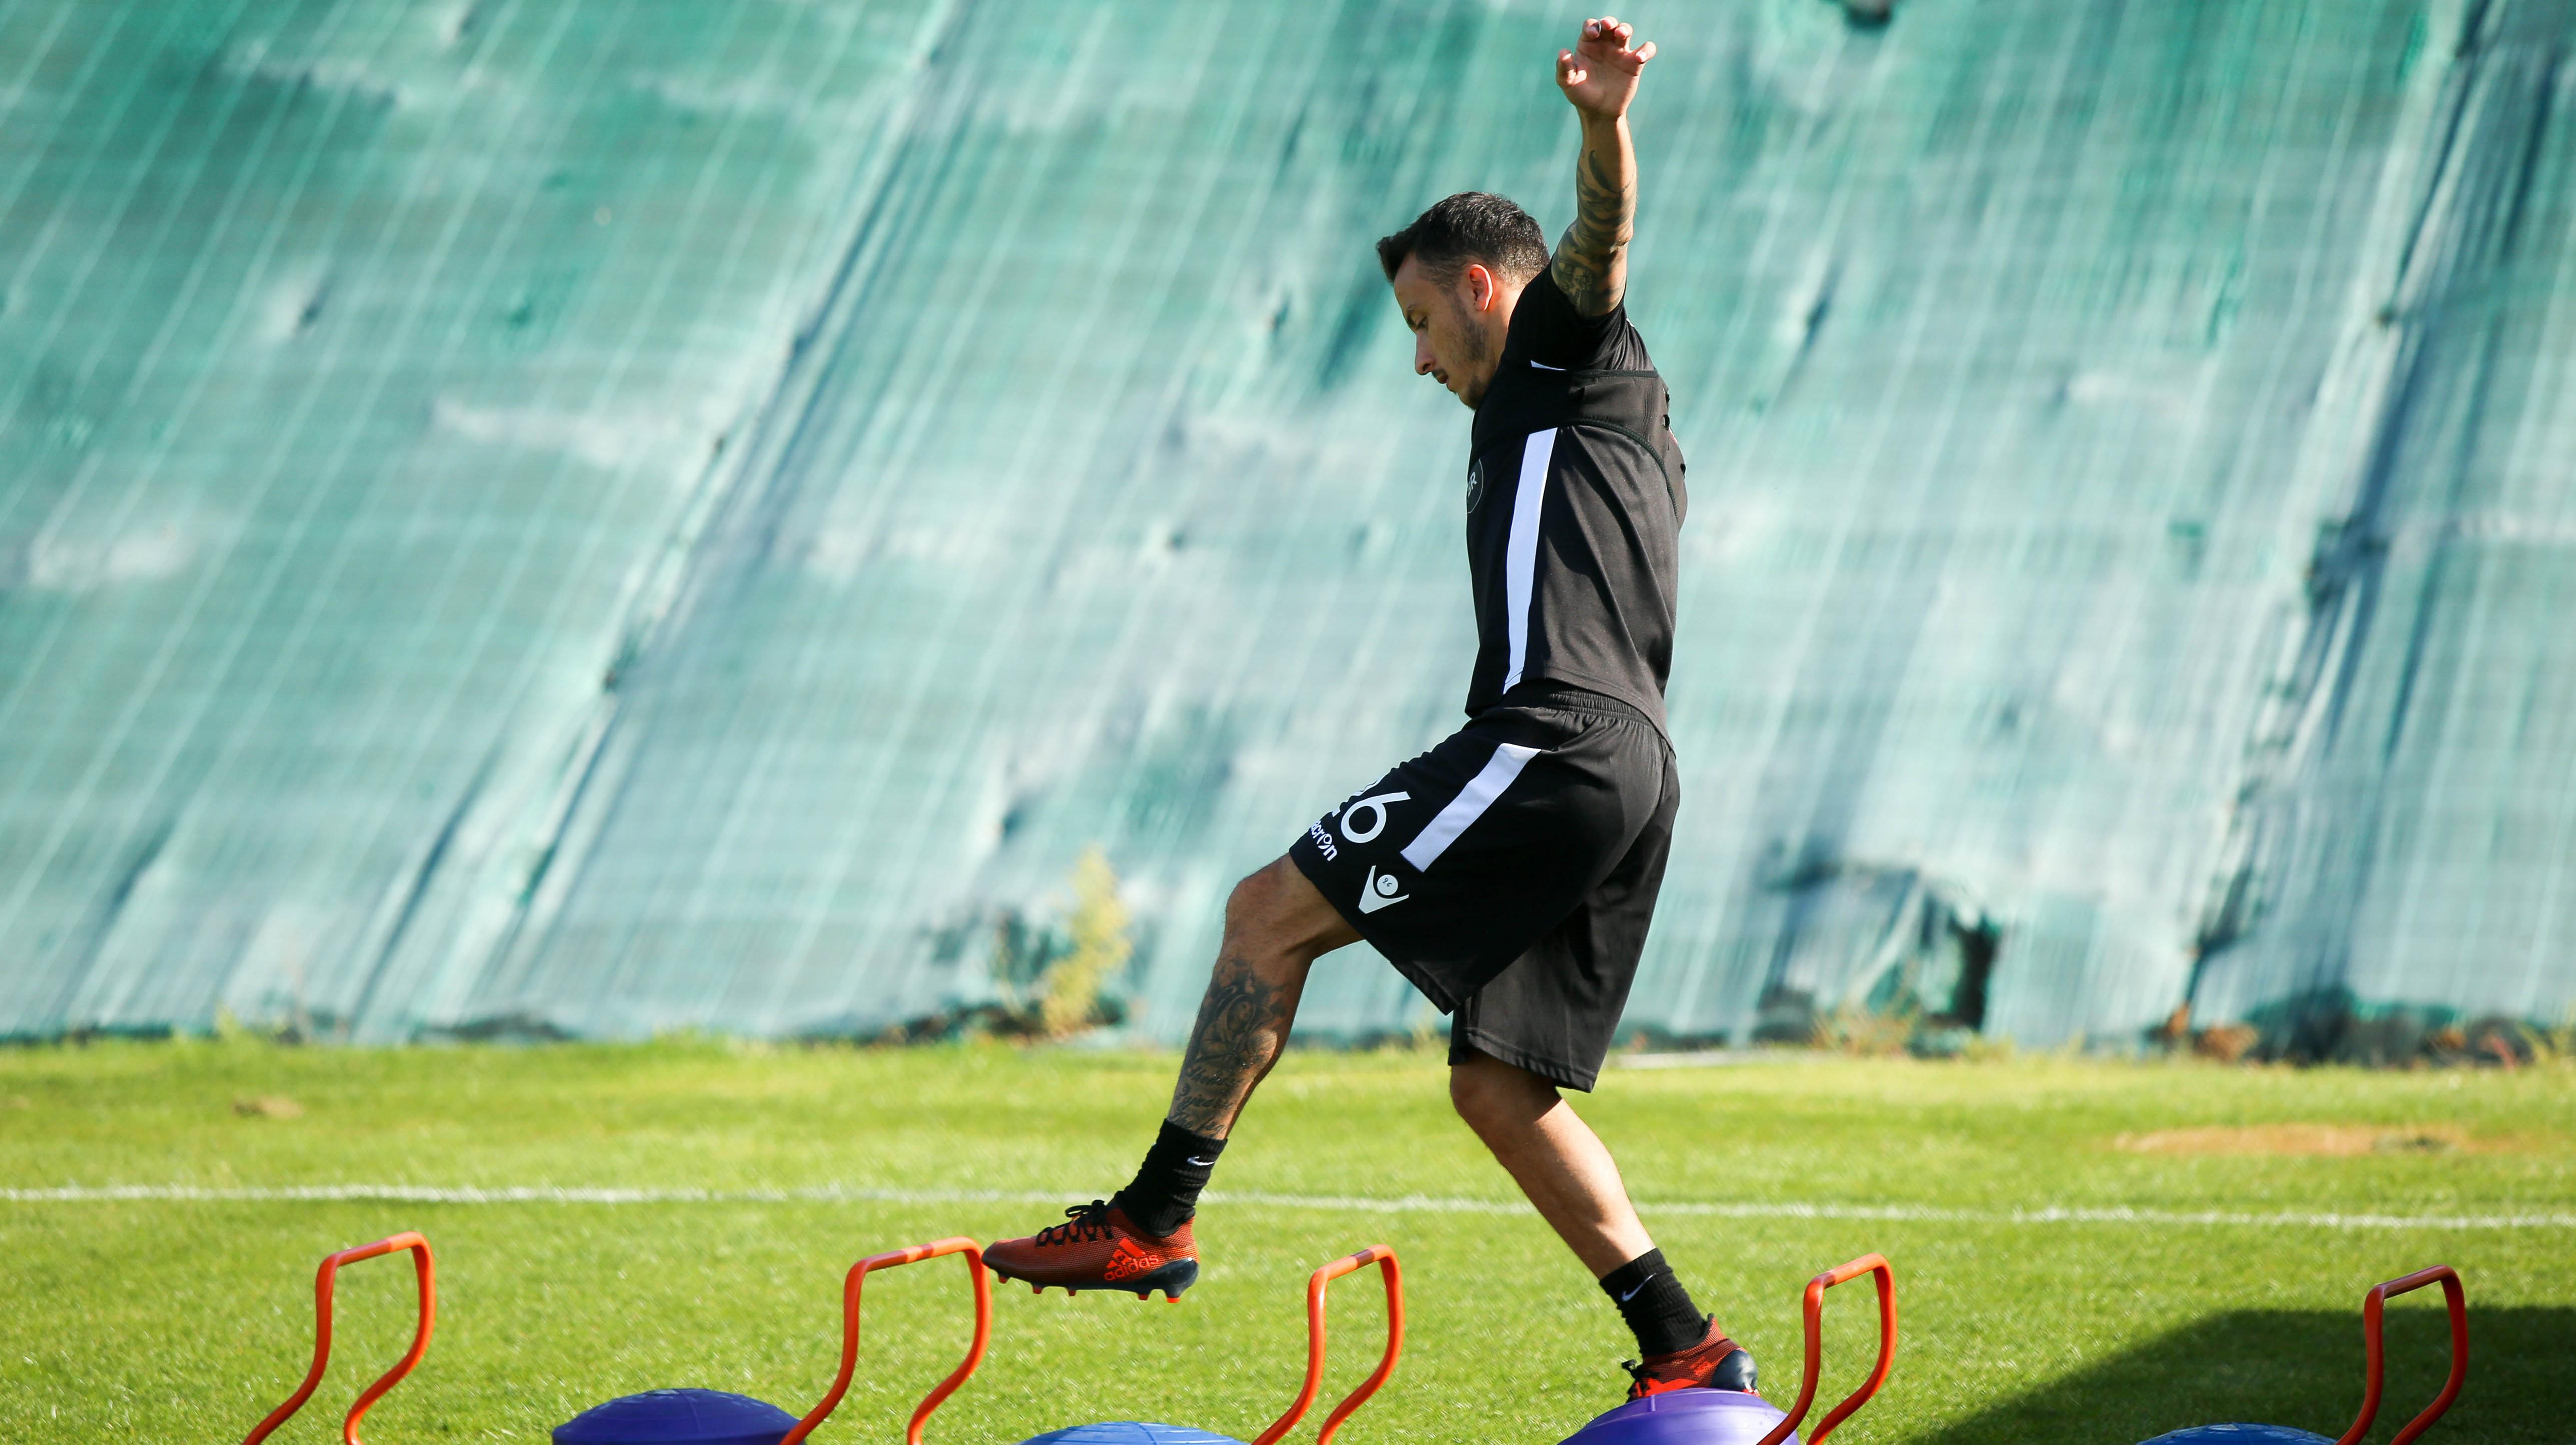 Ισορροπία, γυμναστική, ποδόσφαιρο